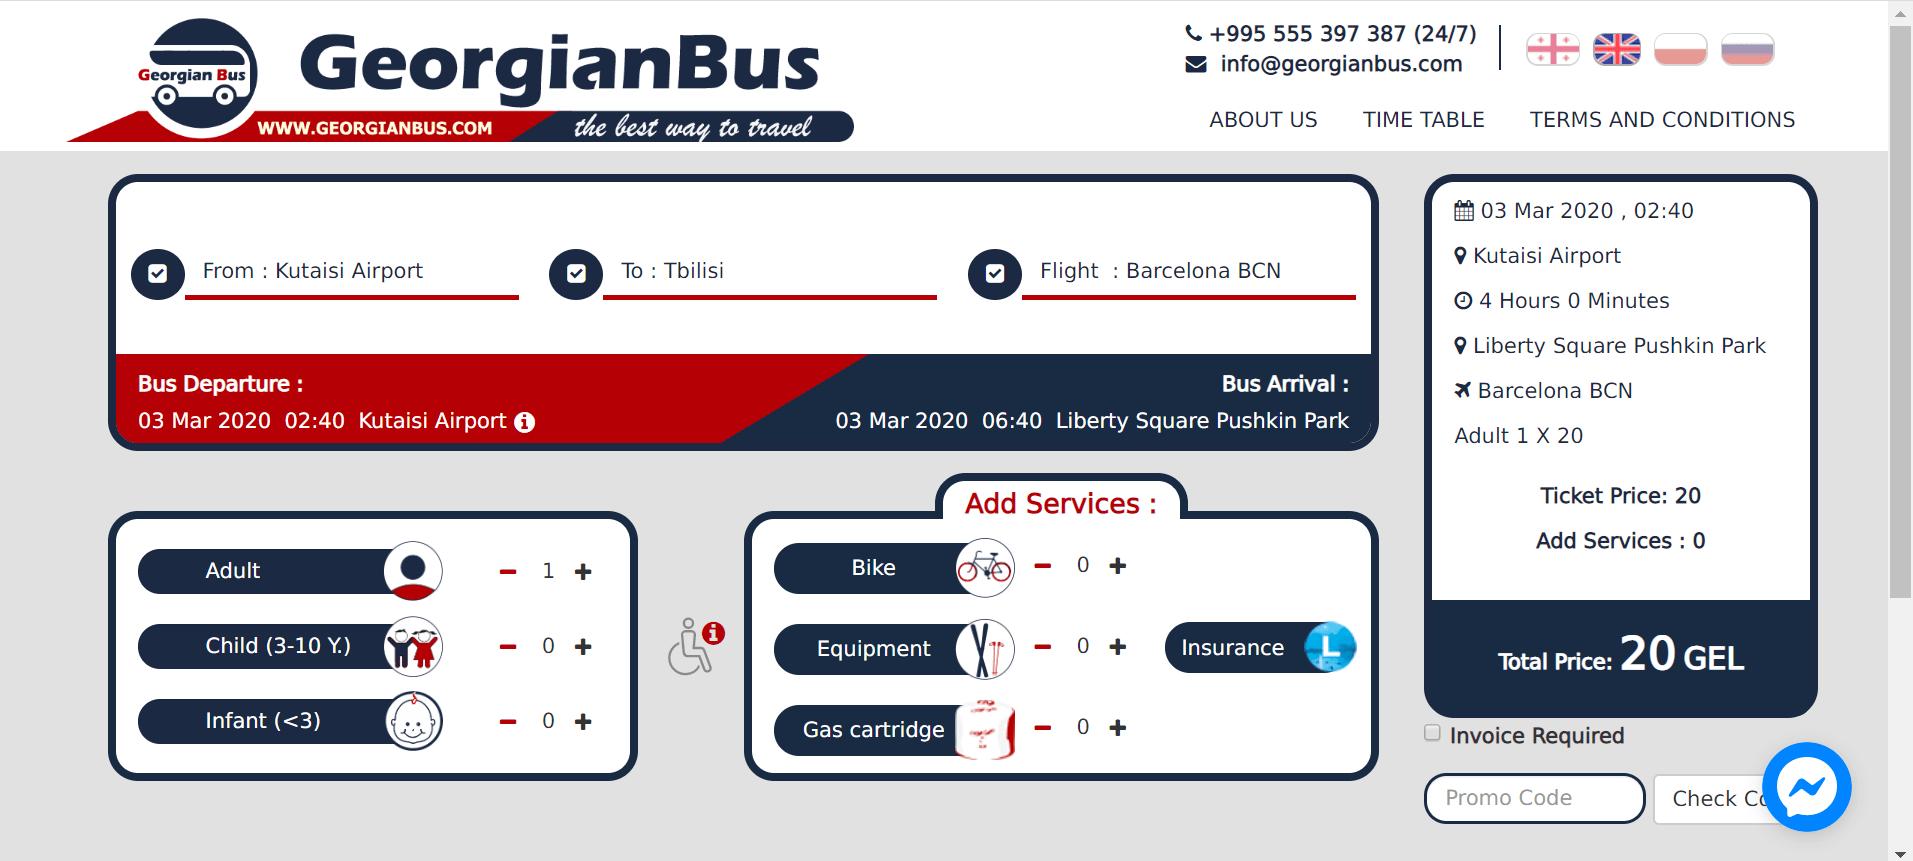 Comprobando si el precio del billete de bus era más caro o más barato si lo compraba por Internet